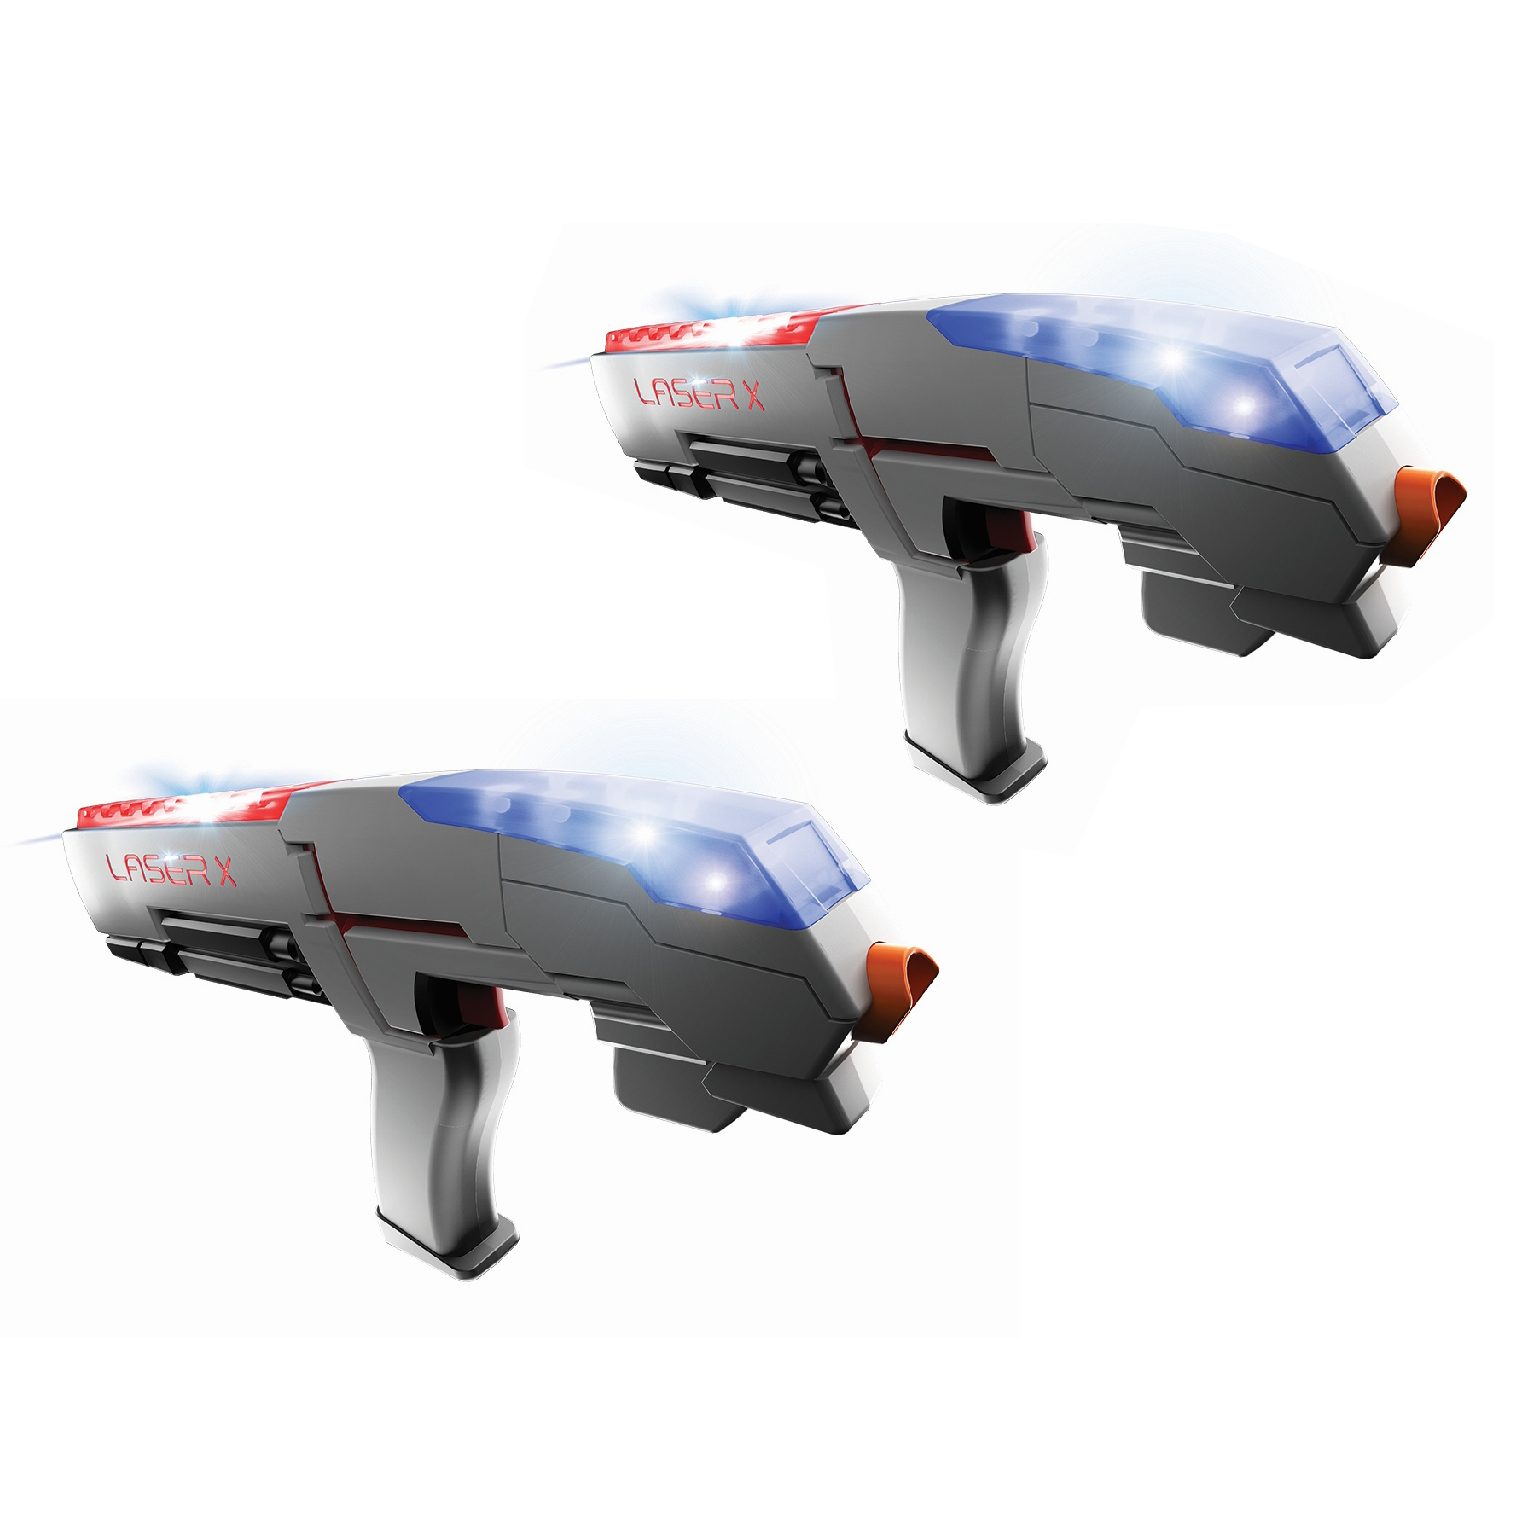 Laser-X pistole na infračervené paprsky – dvojitá